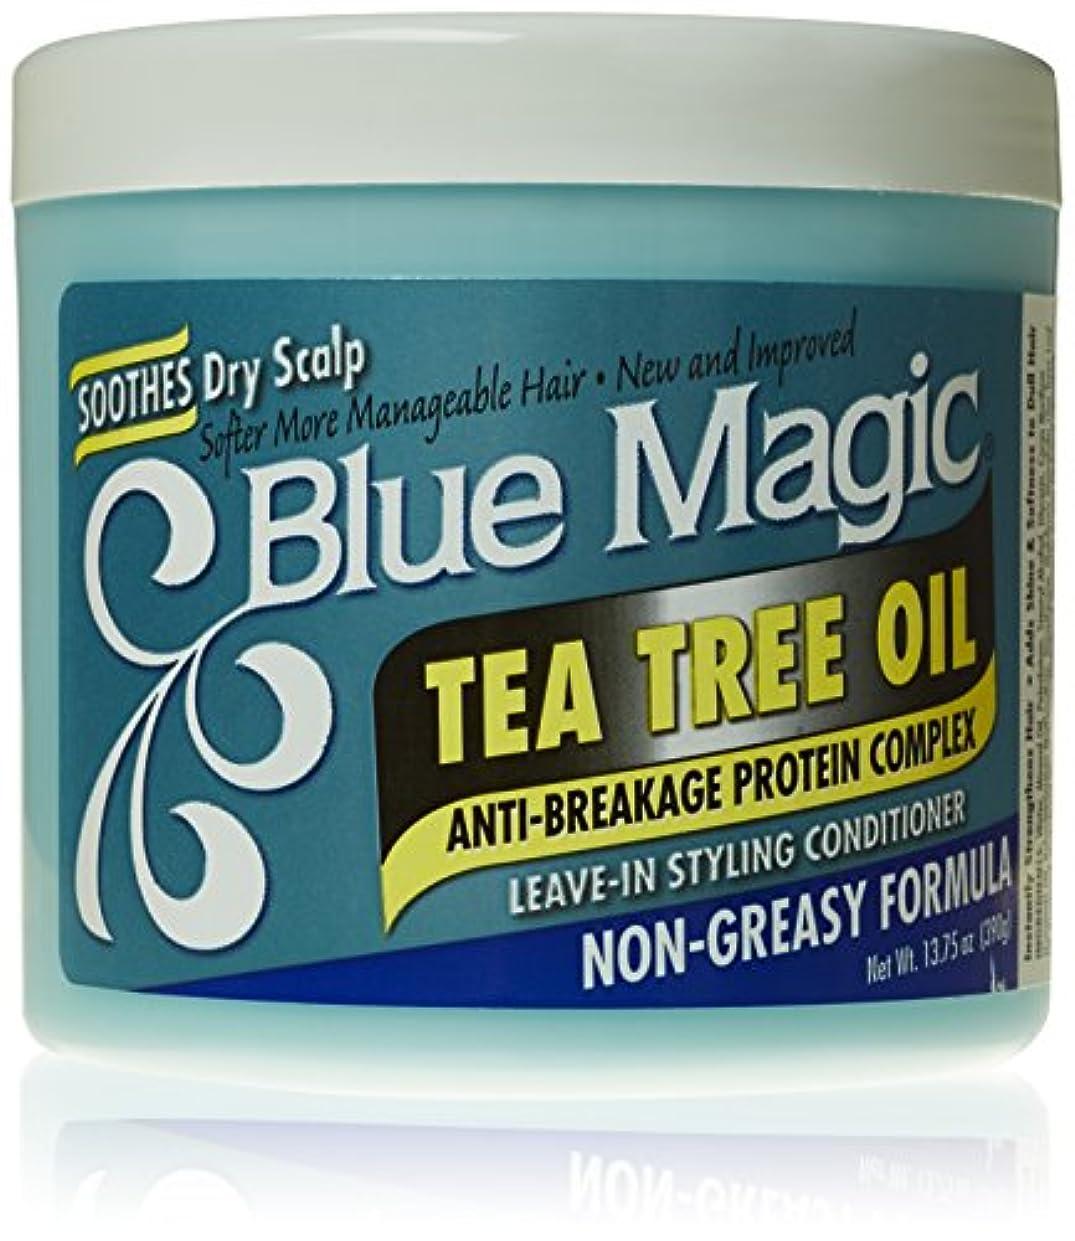 傾く最適胆嚢Blue Magic ティーツリーは、リーブインヘアスタイリングコンディショナー、13.75オンス